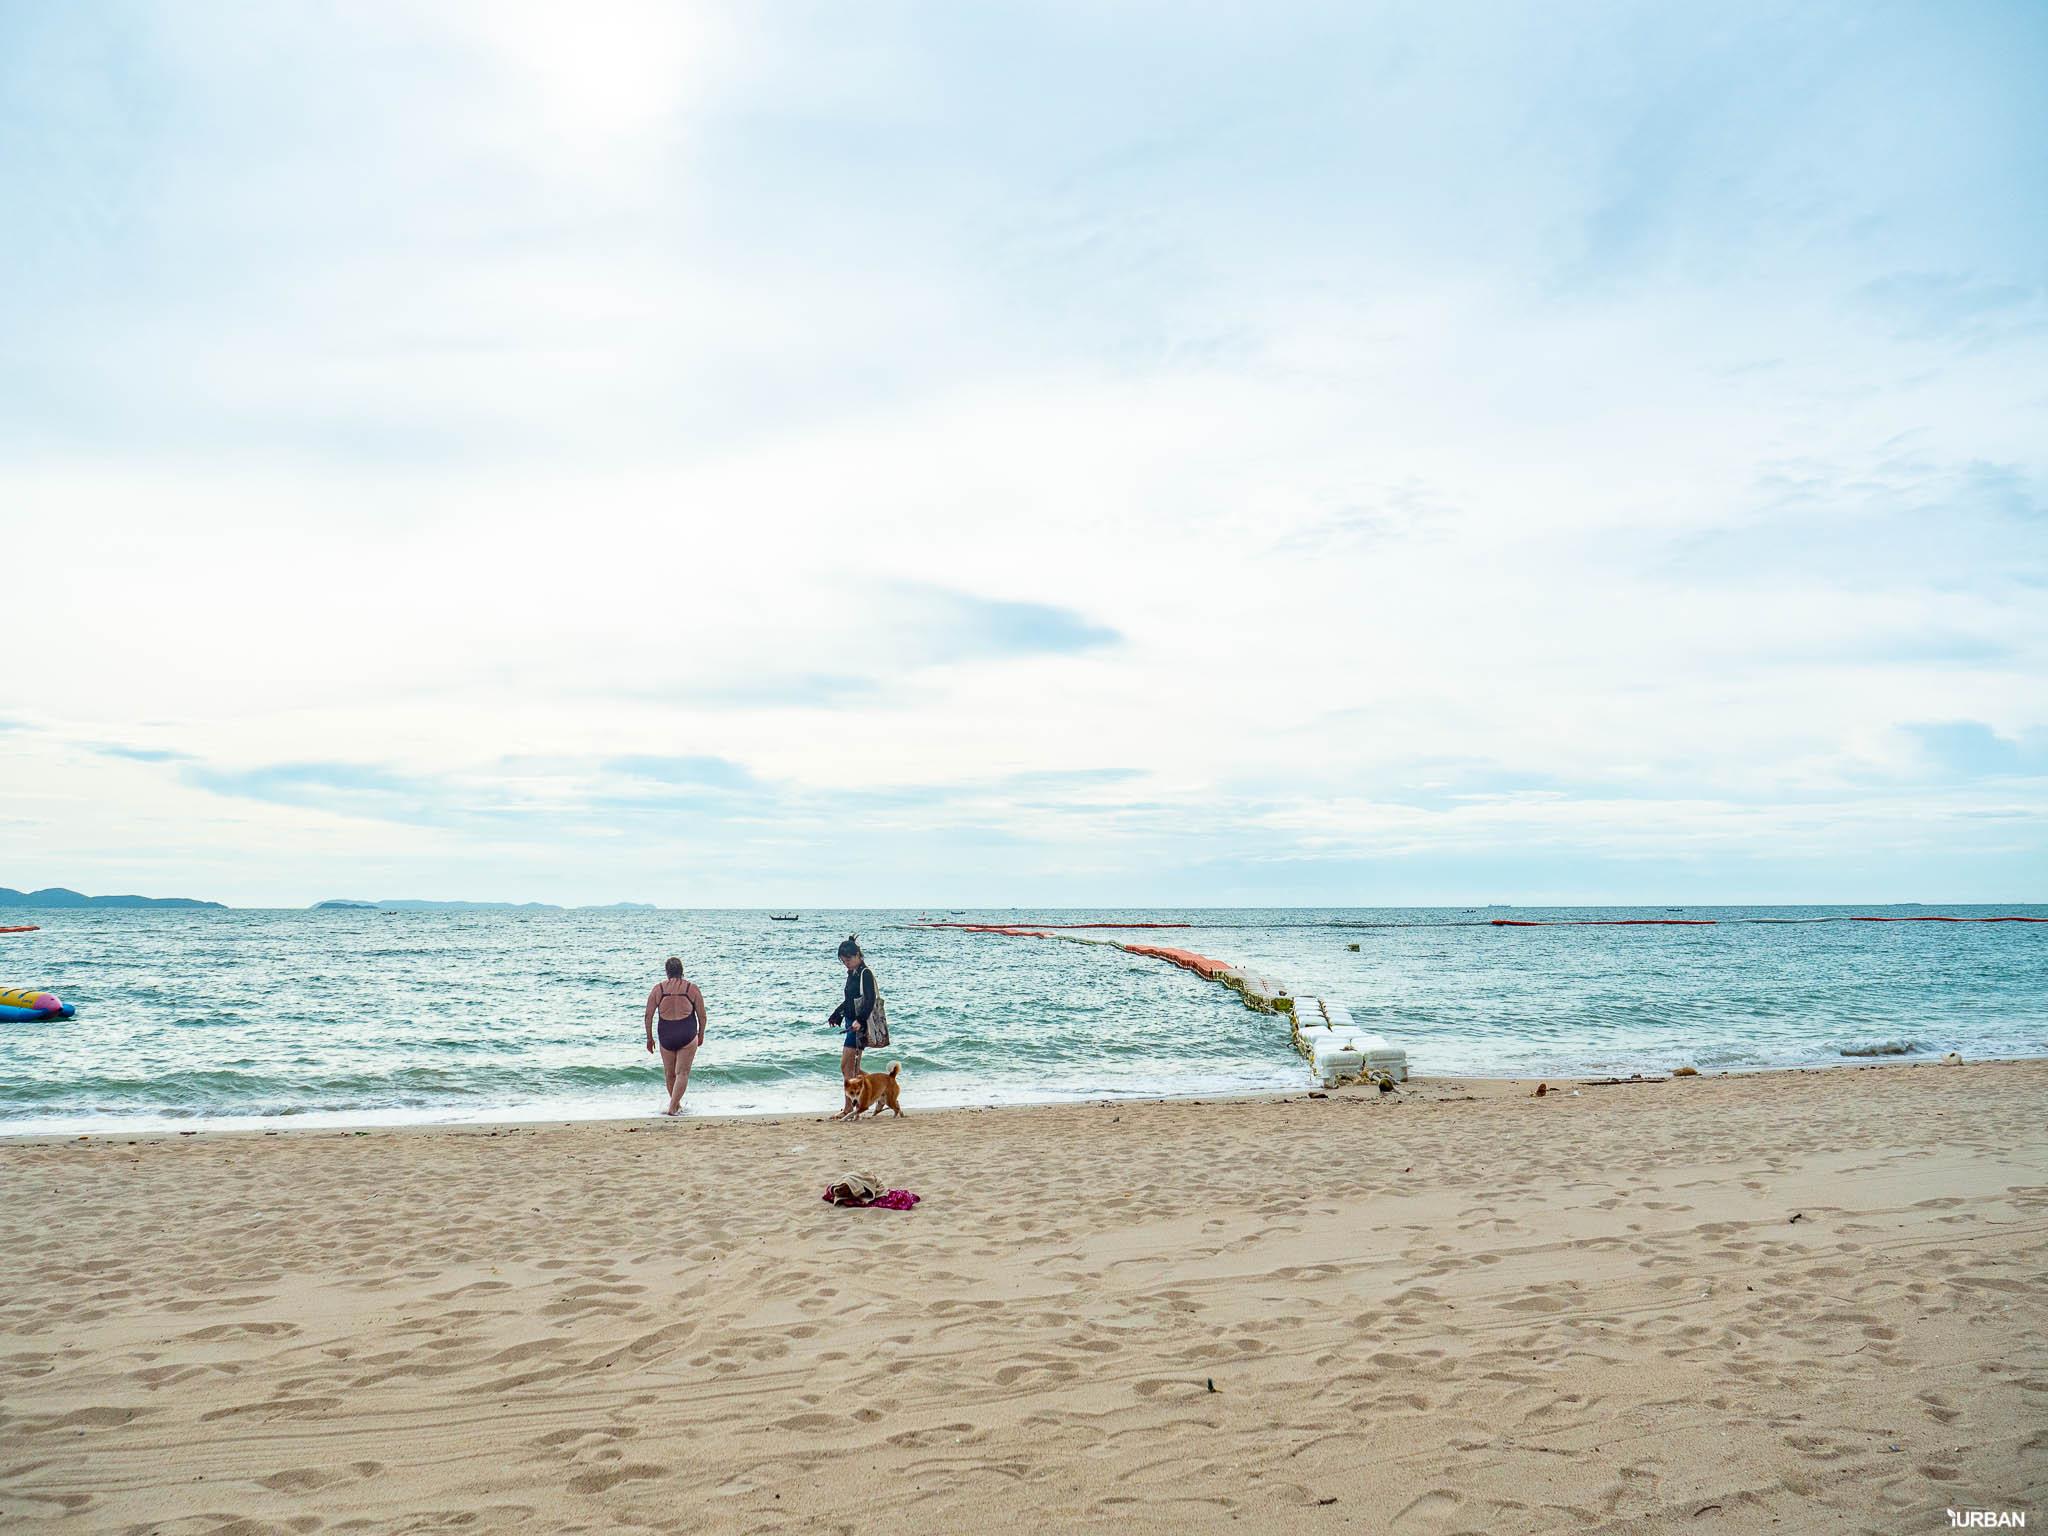 7 ชายหาดทะเลพัทยา ที่ยังสวยสะอาดน่าเที่ยวใกล้กรุงเทพ ไม่ต้องหนีร้อนไปไกล ก็พักได้ ชิลๆ 178 - Beach